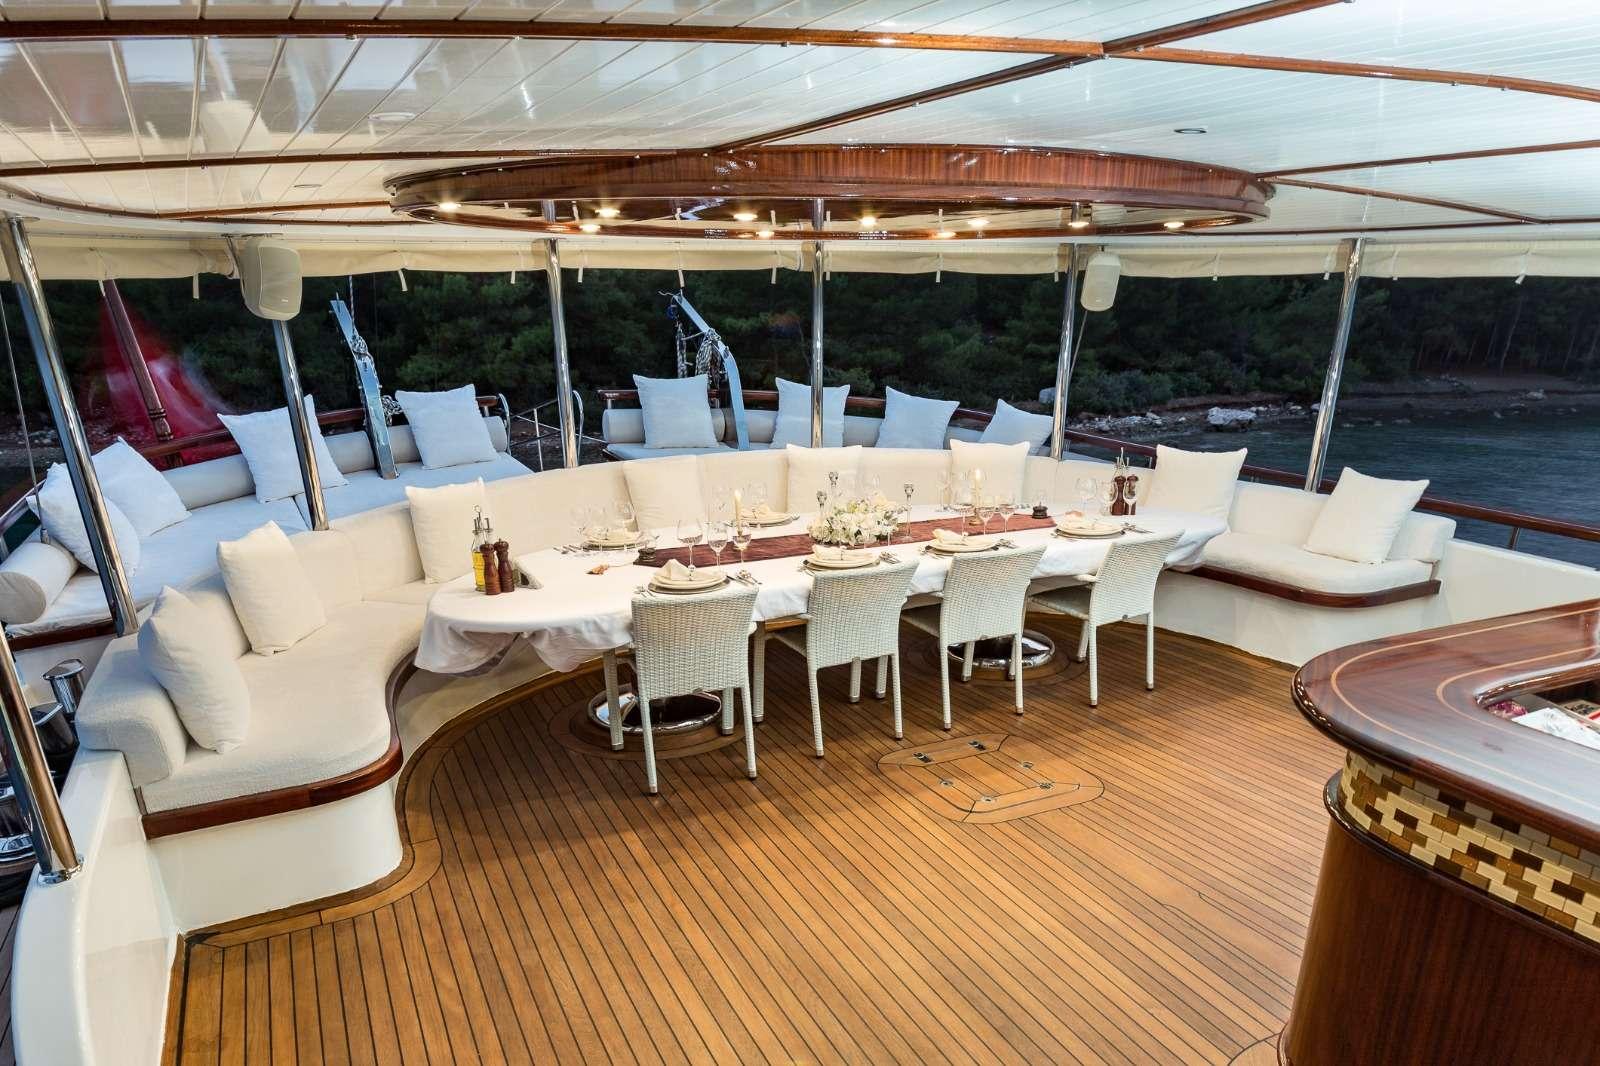 HALCON DEL MAR yacht image # 12